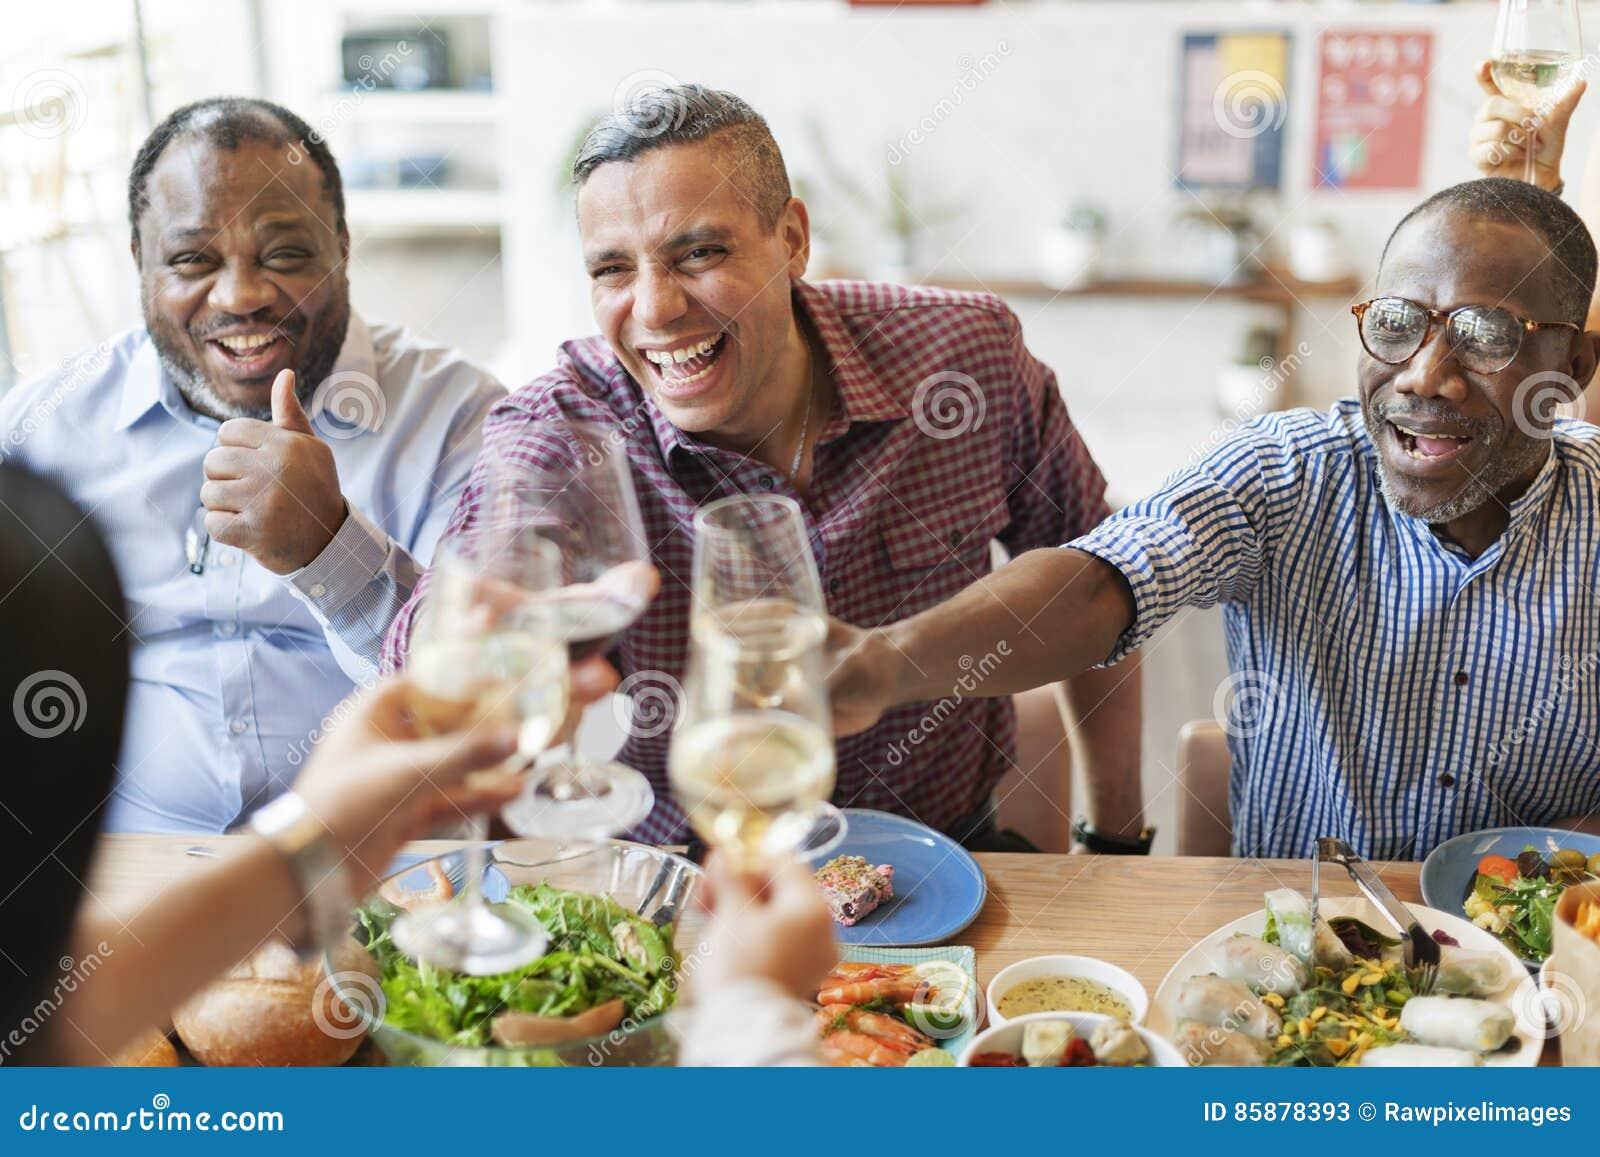 Μαγειρική γαστρονομική έννοια ευθυμιών κόμματος κουζίνας τομέα εστιάσεως τροφίμων